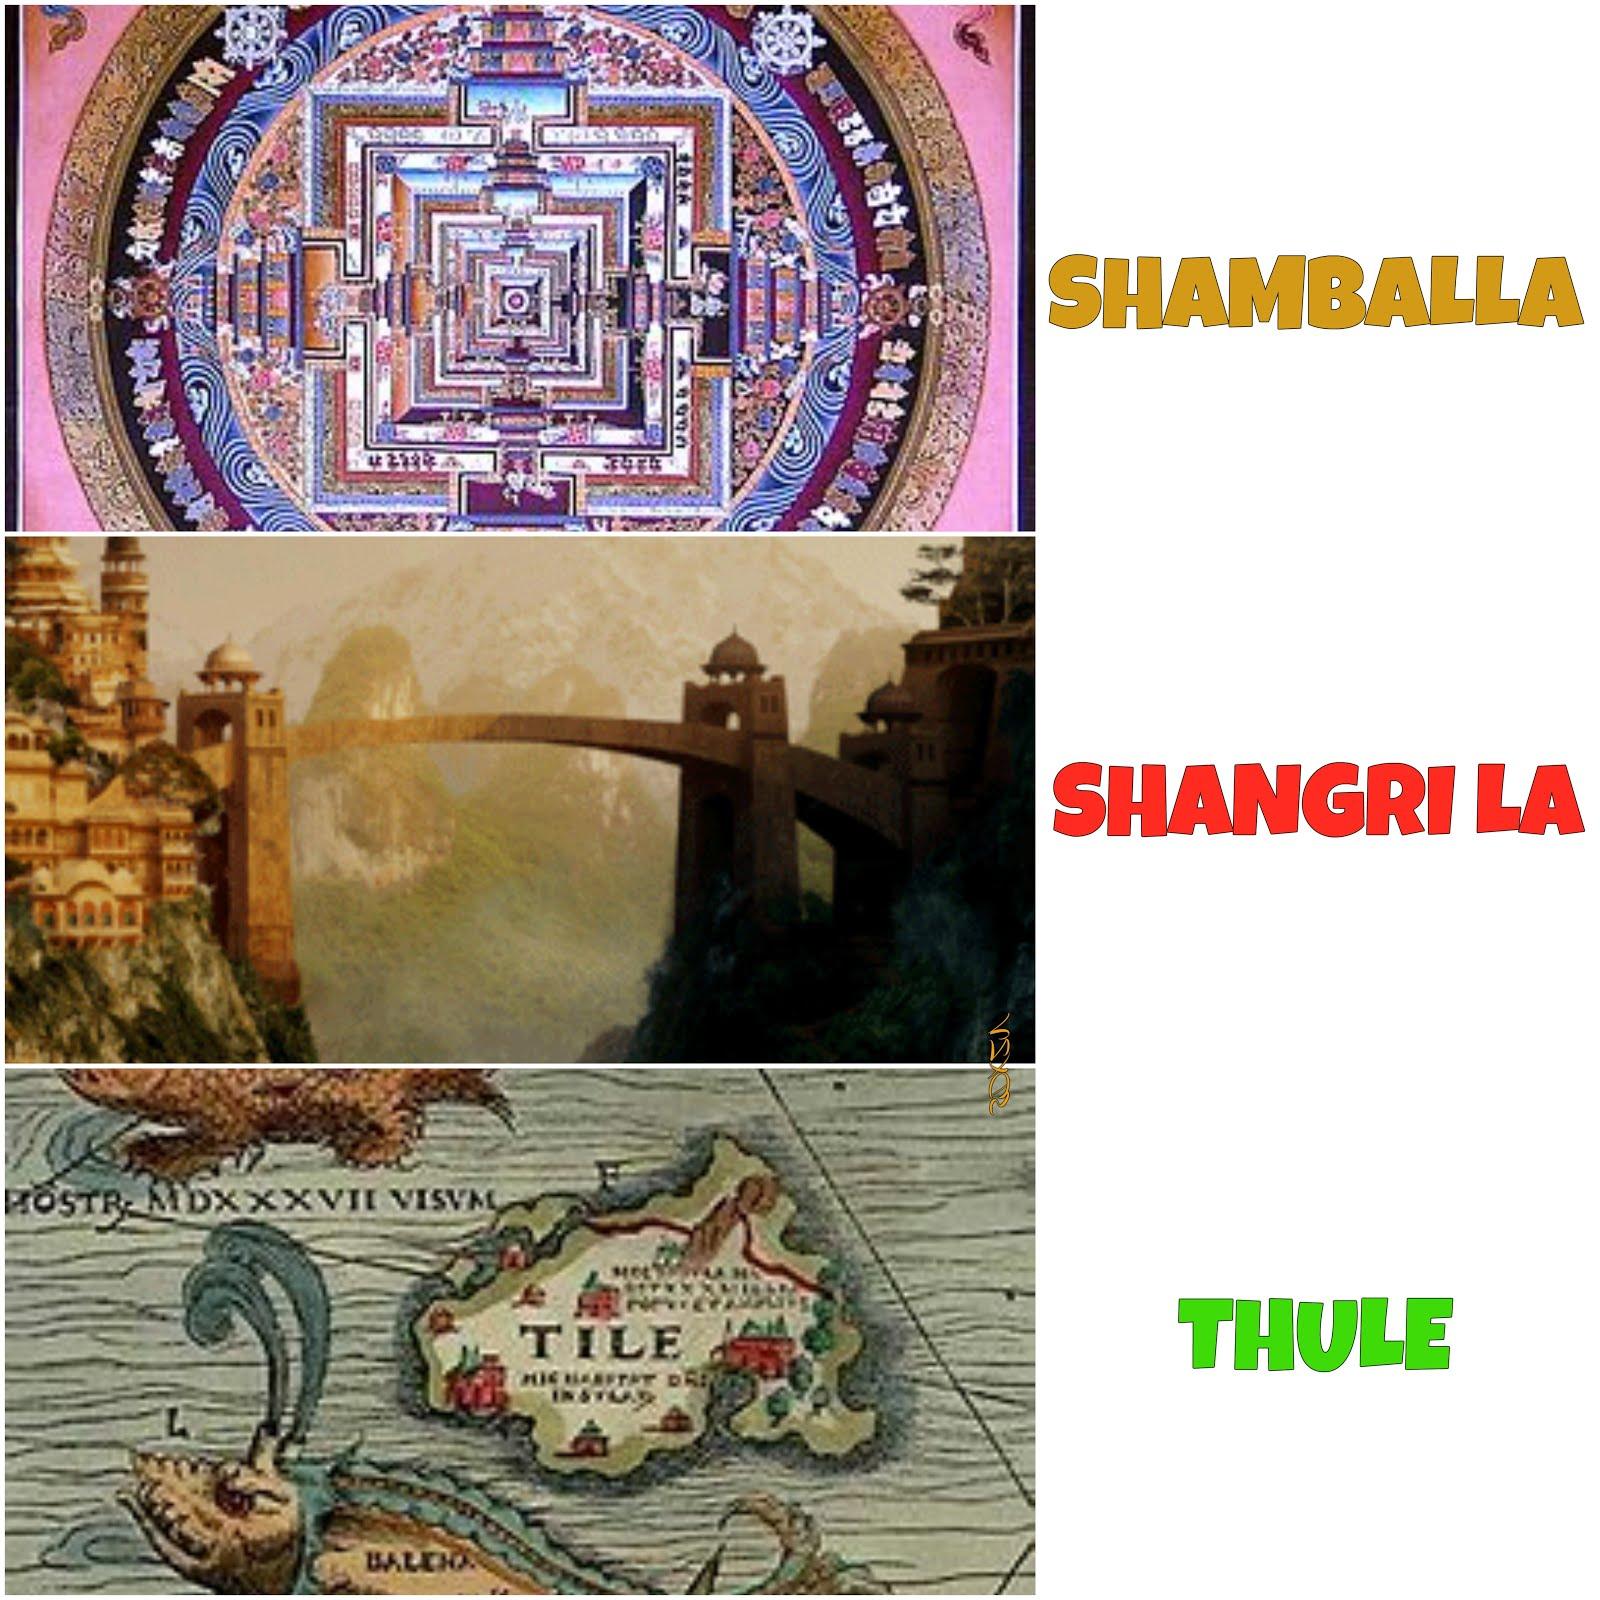 Shamballa - Shangri La - Thule